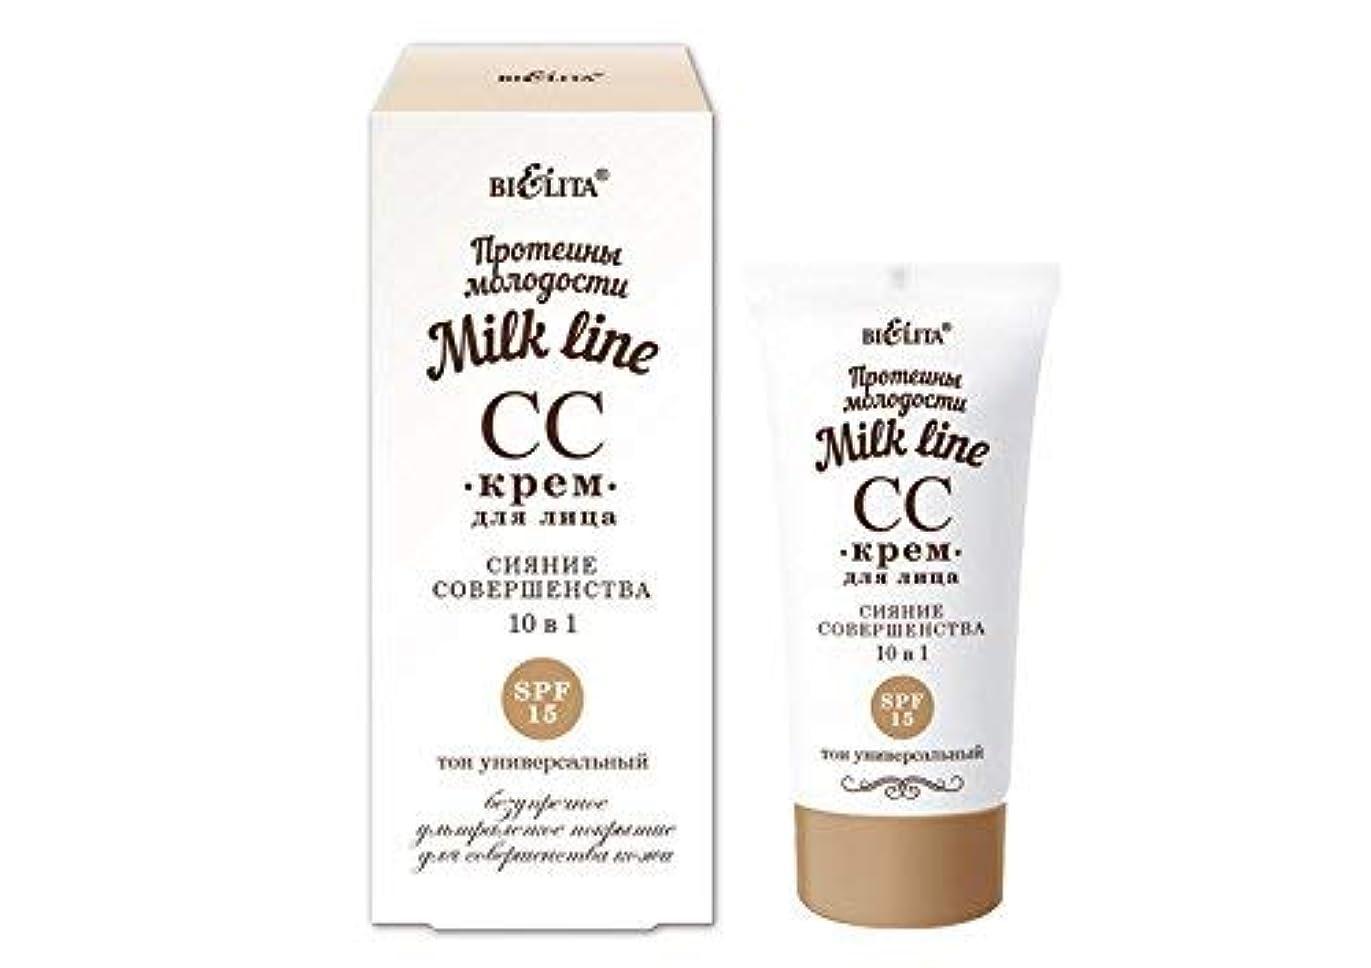 変な悲惨なセージCC Cream,based on goat's milk Total Effects Tone Correcting Moisturizer with Sunscreen, Light to Medium 10 effects...